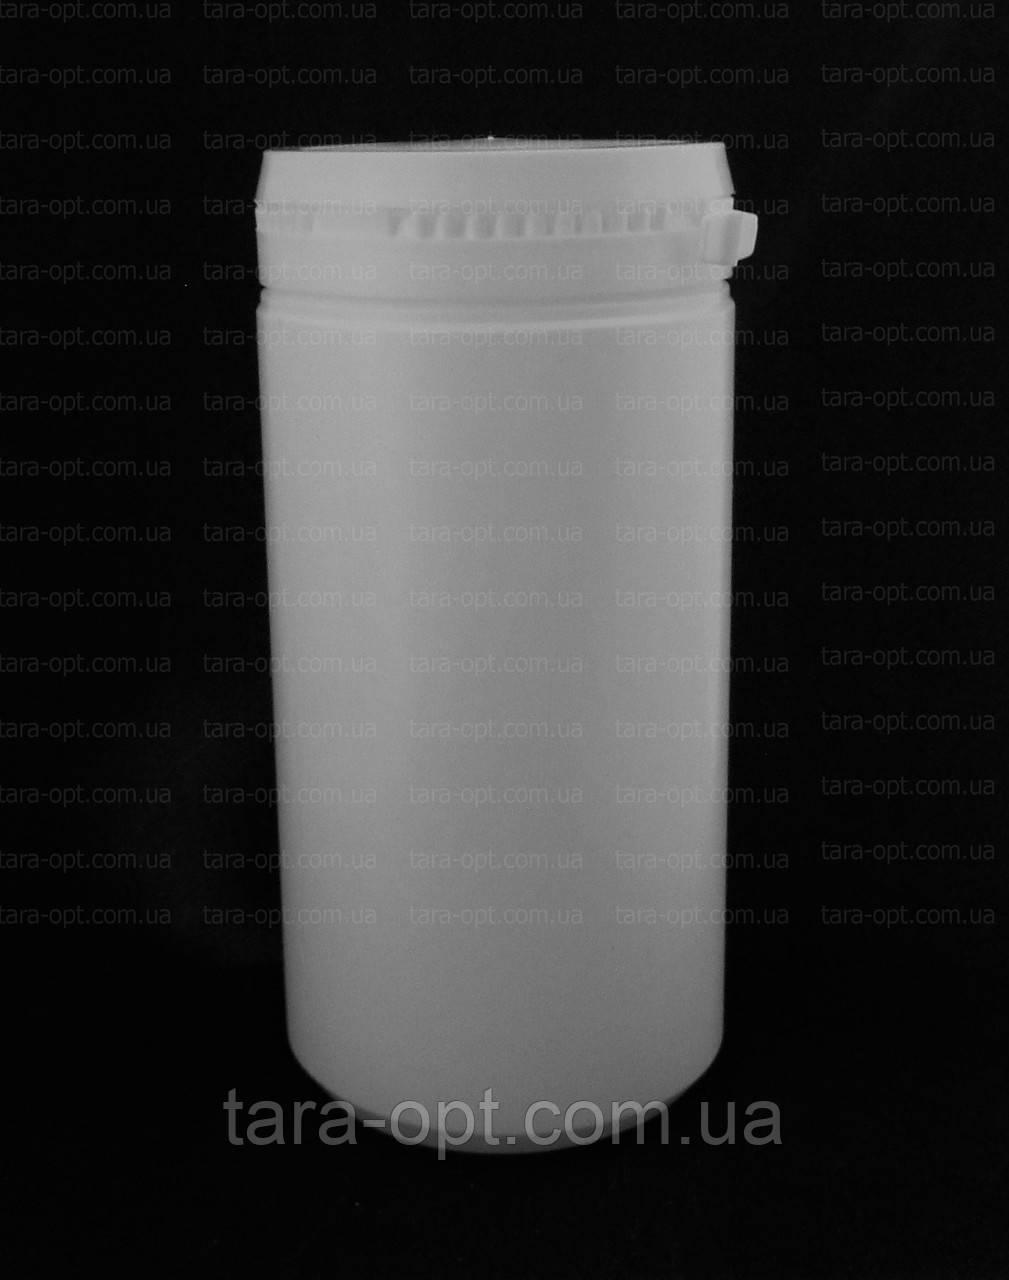 Банку 400 мл пластикова баночка, (Ціна від 8 грн)*